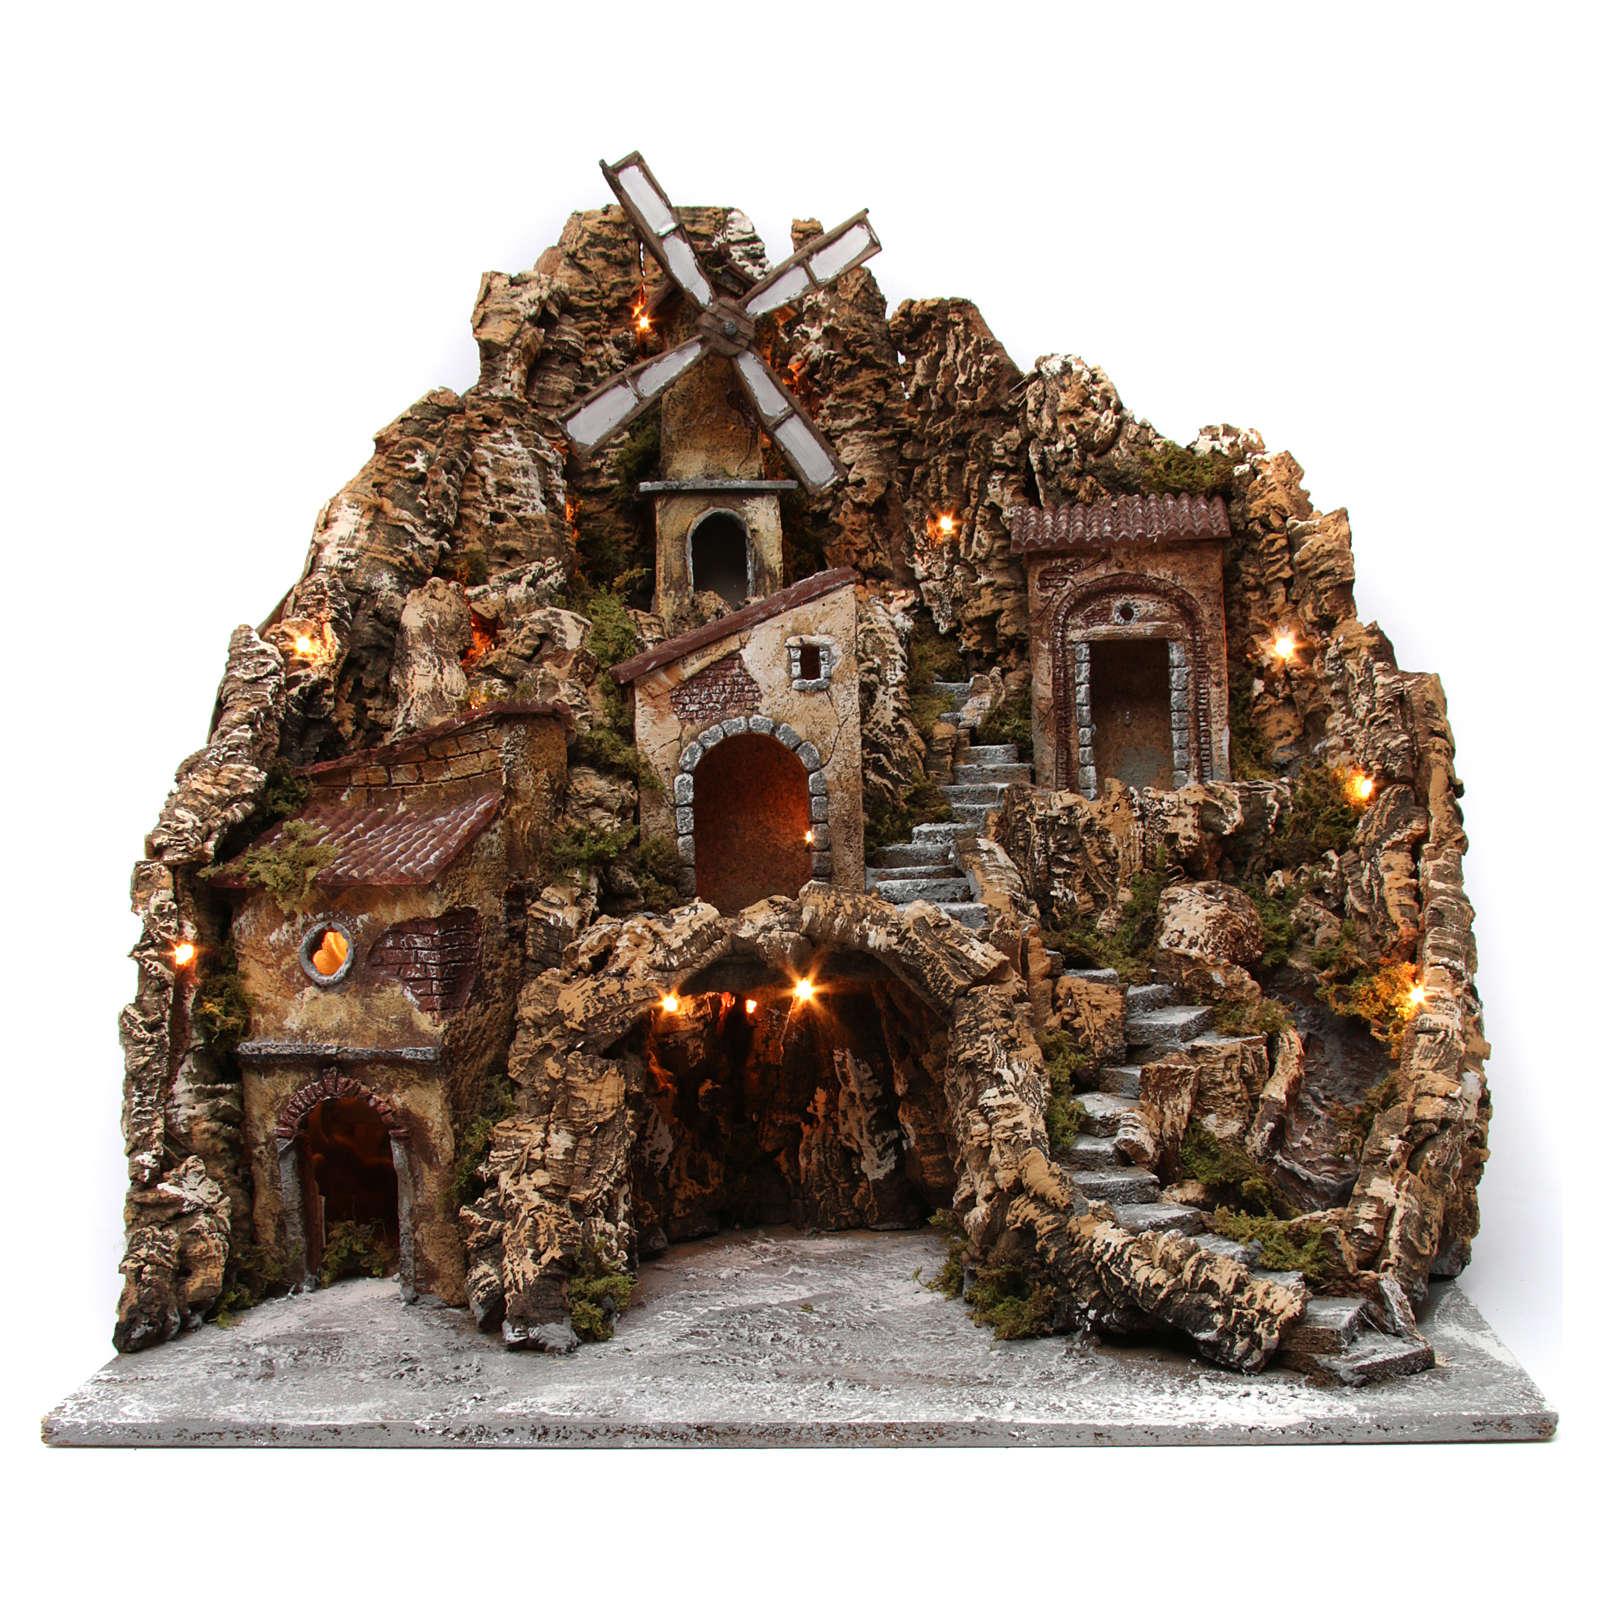 City Scenery Lit Nativity with Mill Stream 60X60X70 cm Neapolitan nativity 4